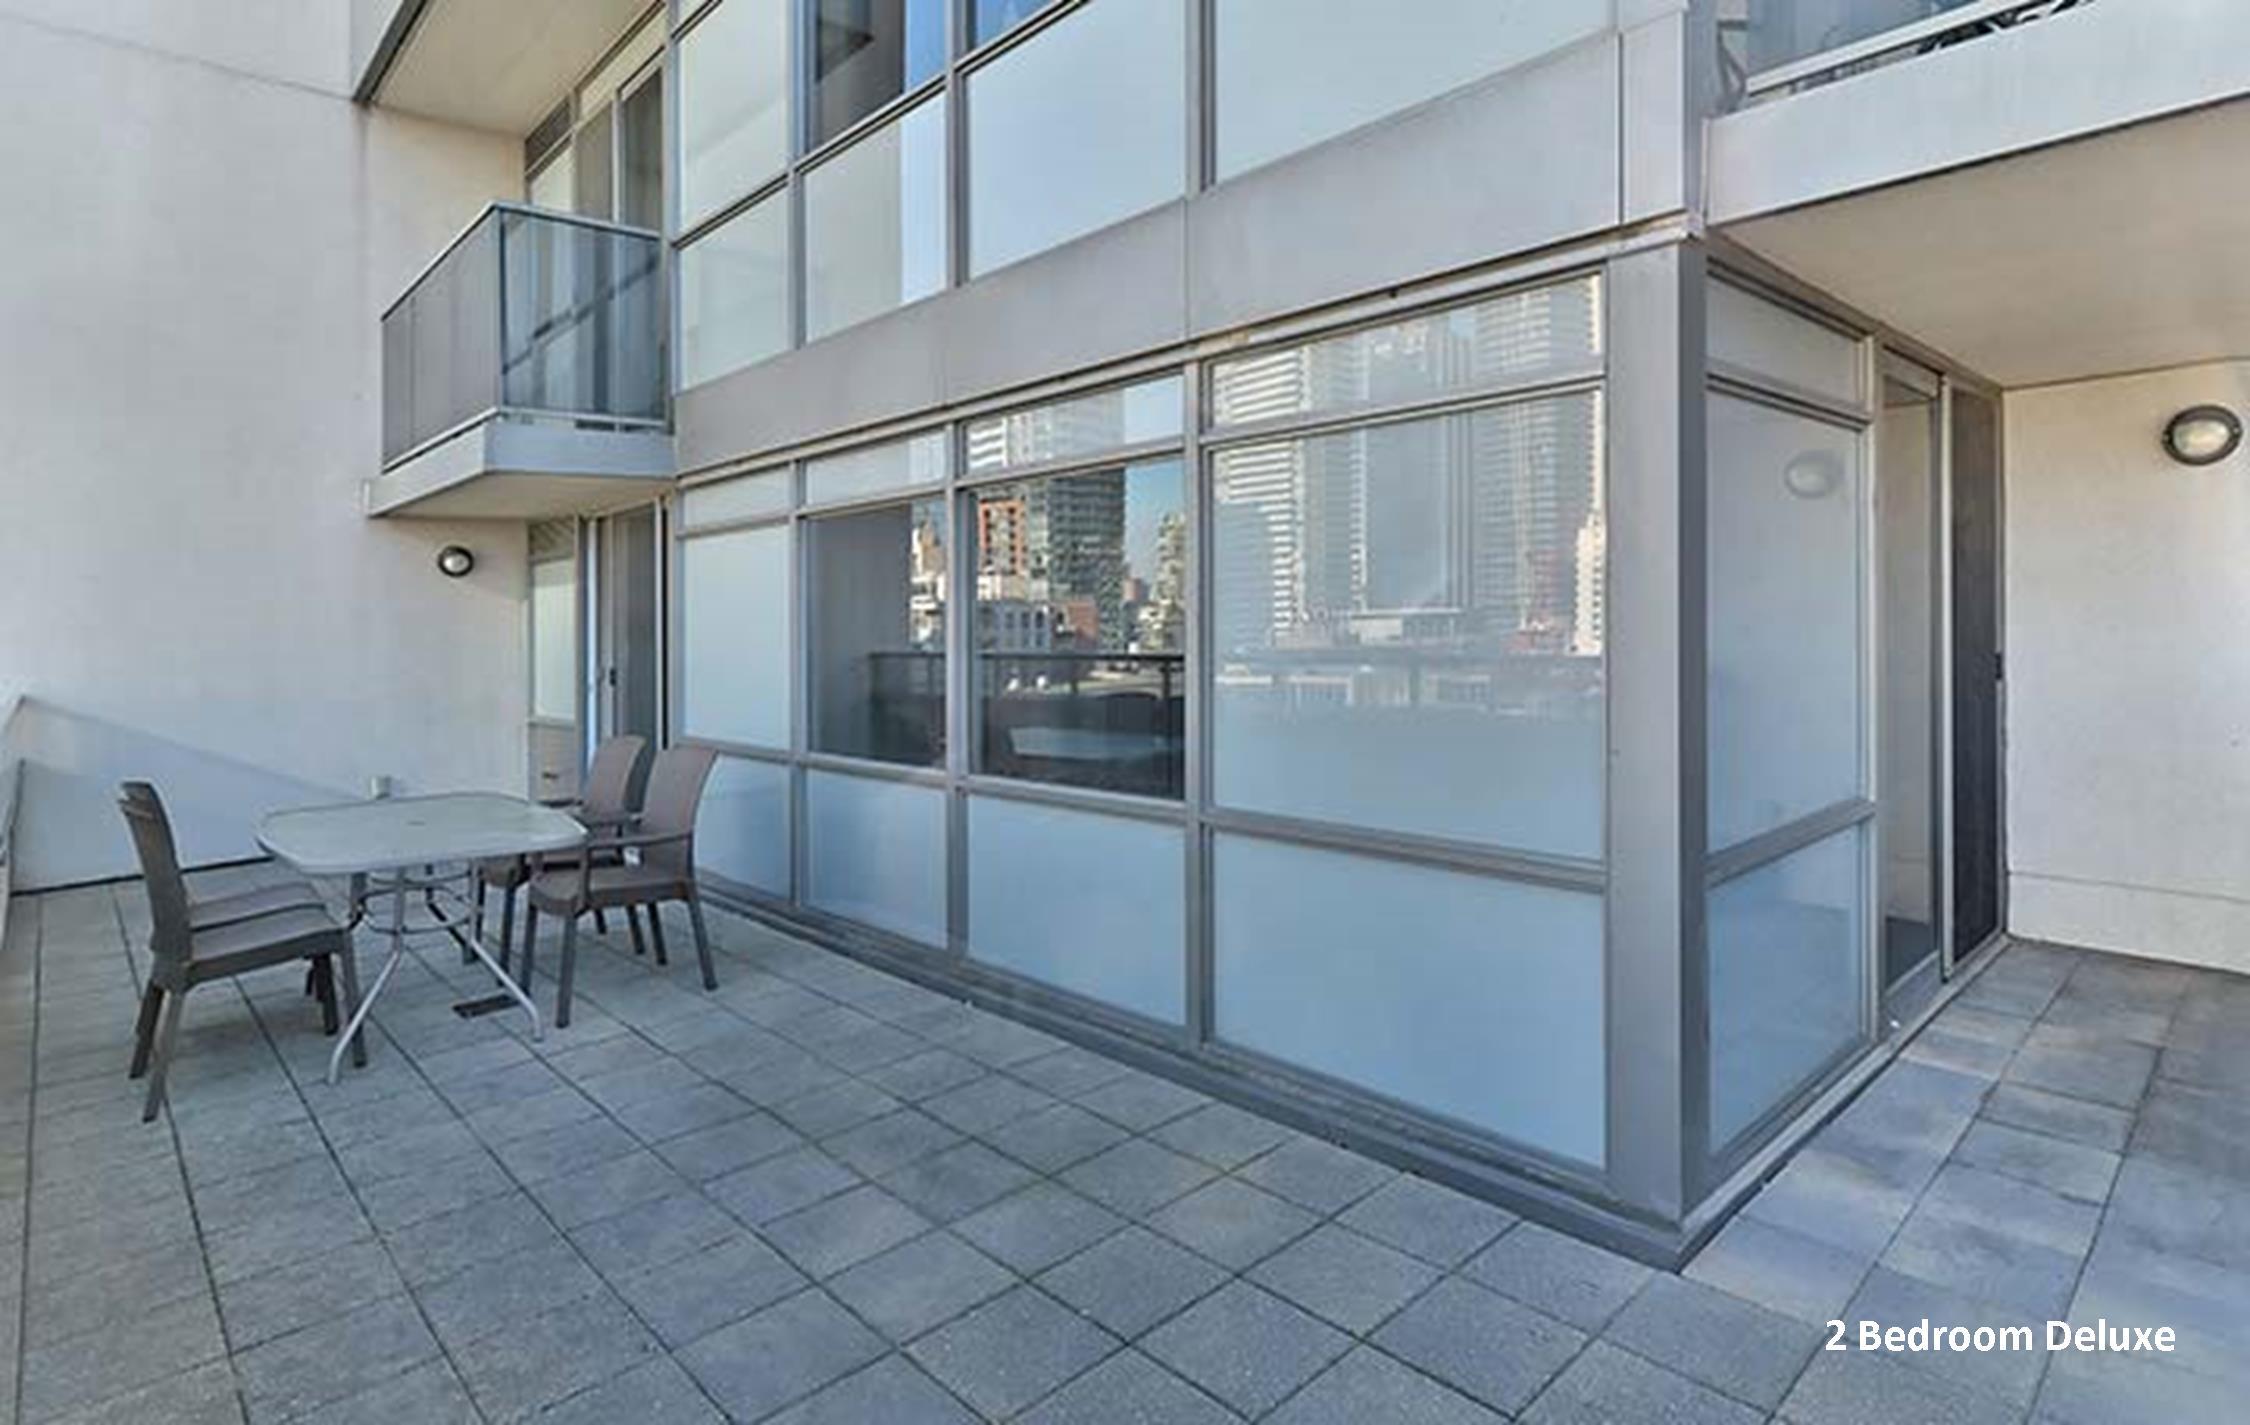 Element 2 Bedroom Deluxe short term rentals Toronto Terrace